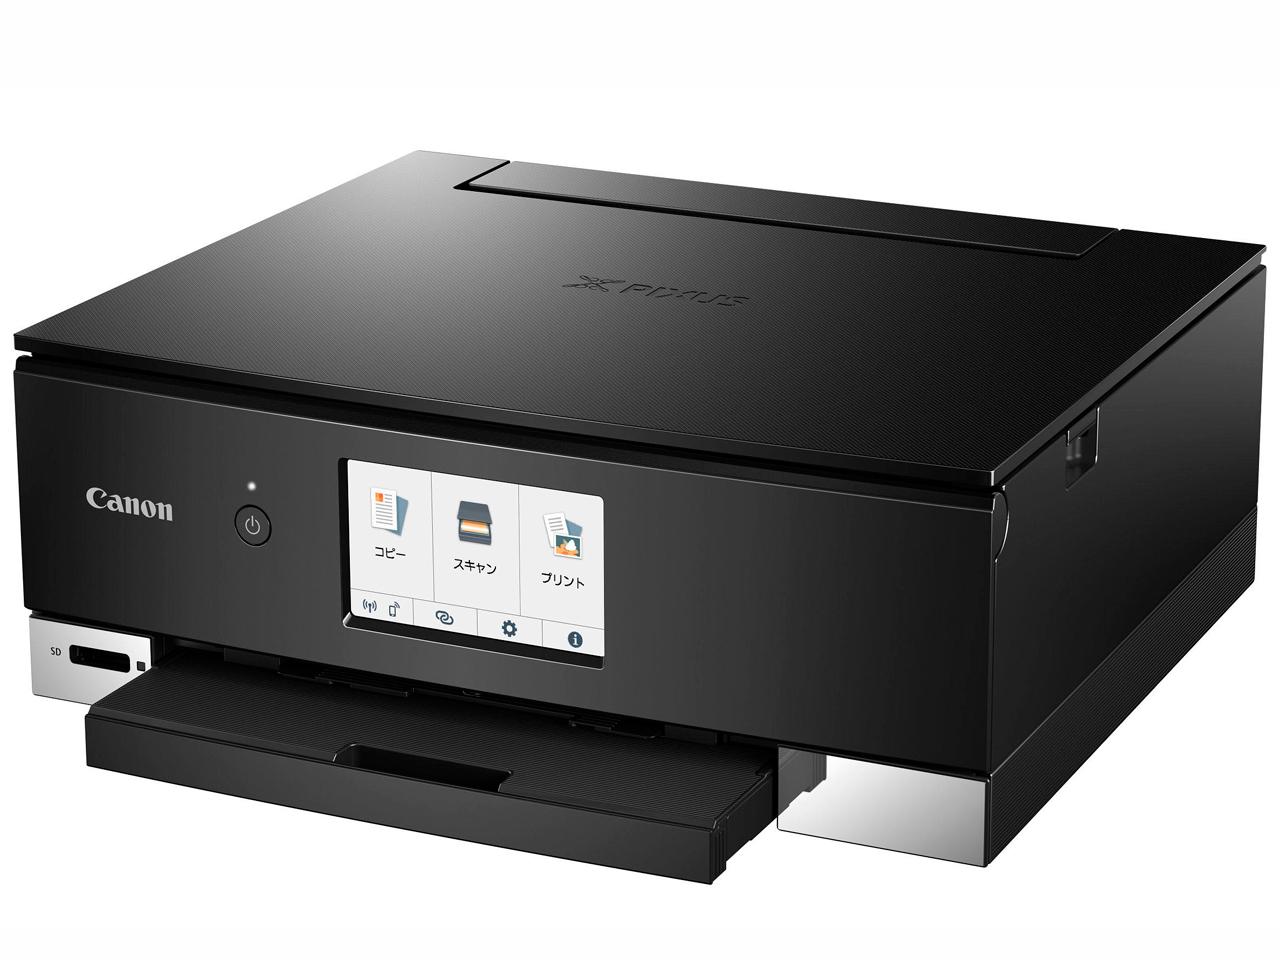 PIXUS TS8230 の製品画像